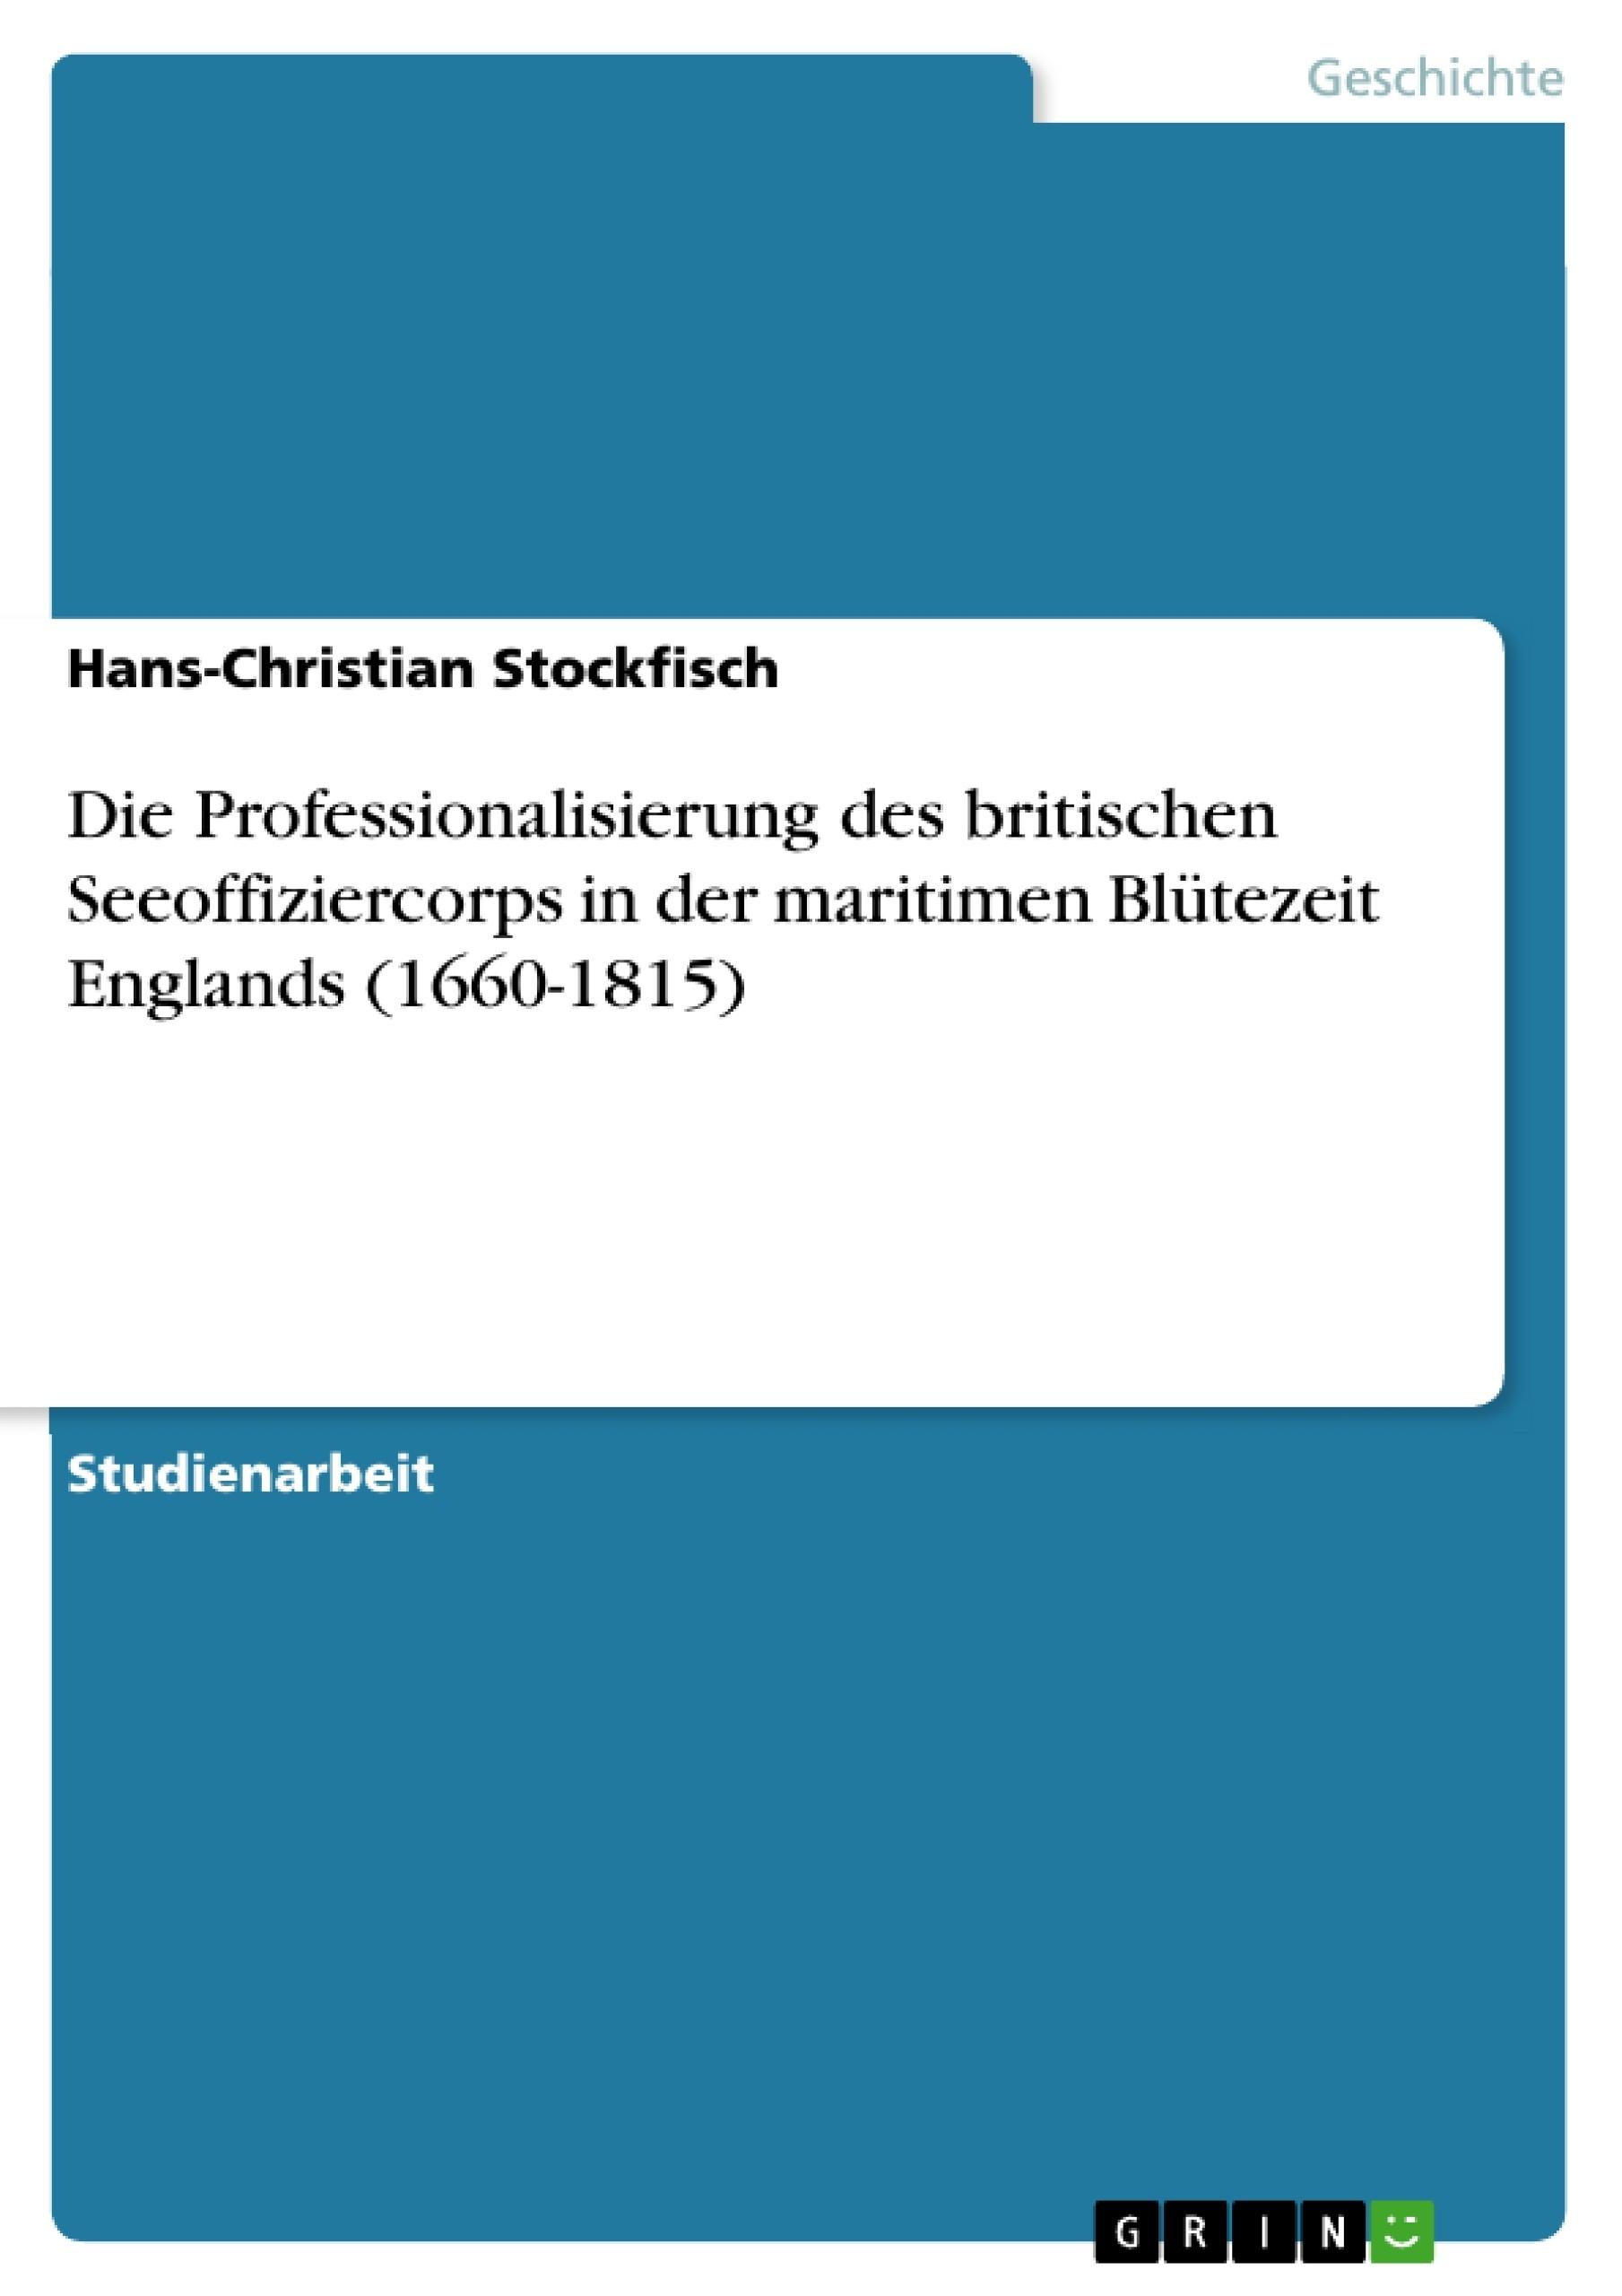 Titel: Die Professionalisierung des britischen Seeoffiziercorps in der maritimen Blütezeit Englands (1660-1815)